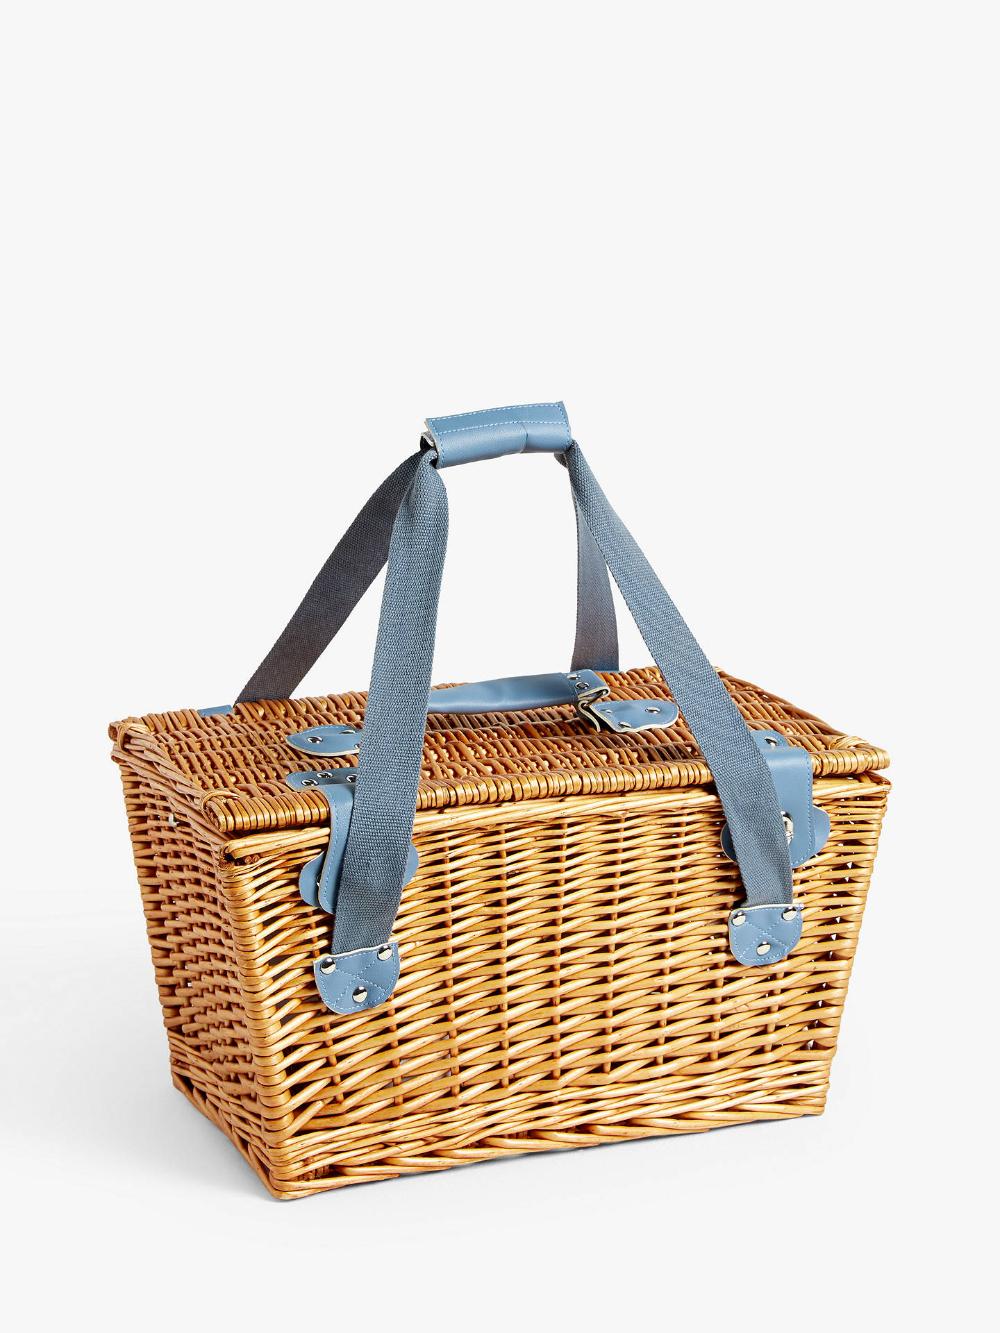 John Lewis & Partners Meadow Filled Wicker Picnic Basket